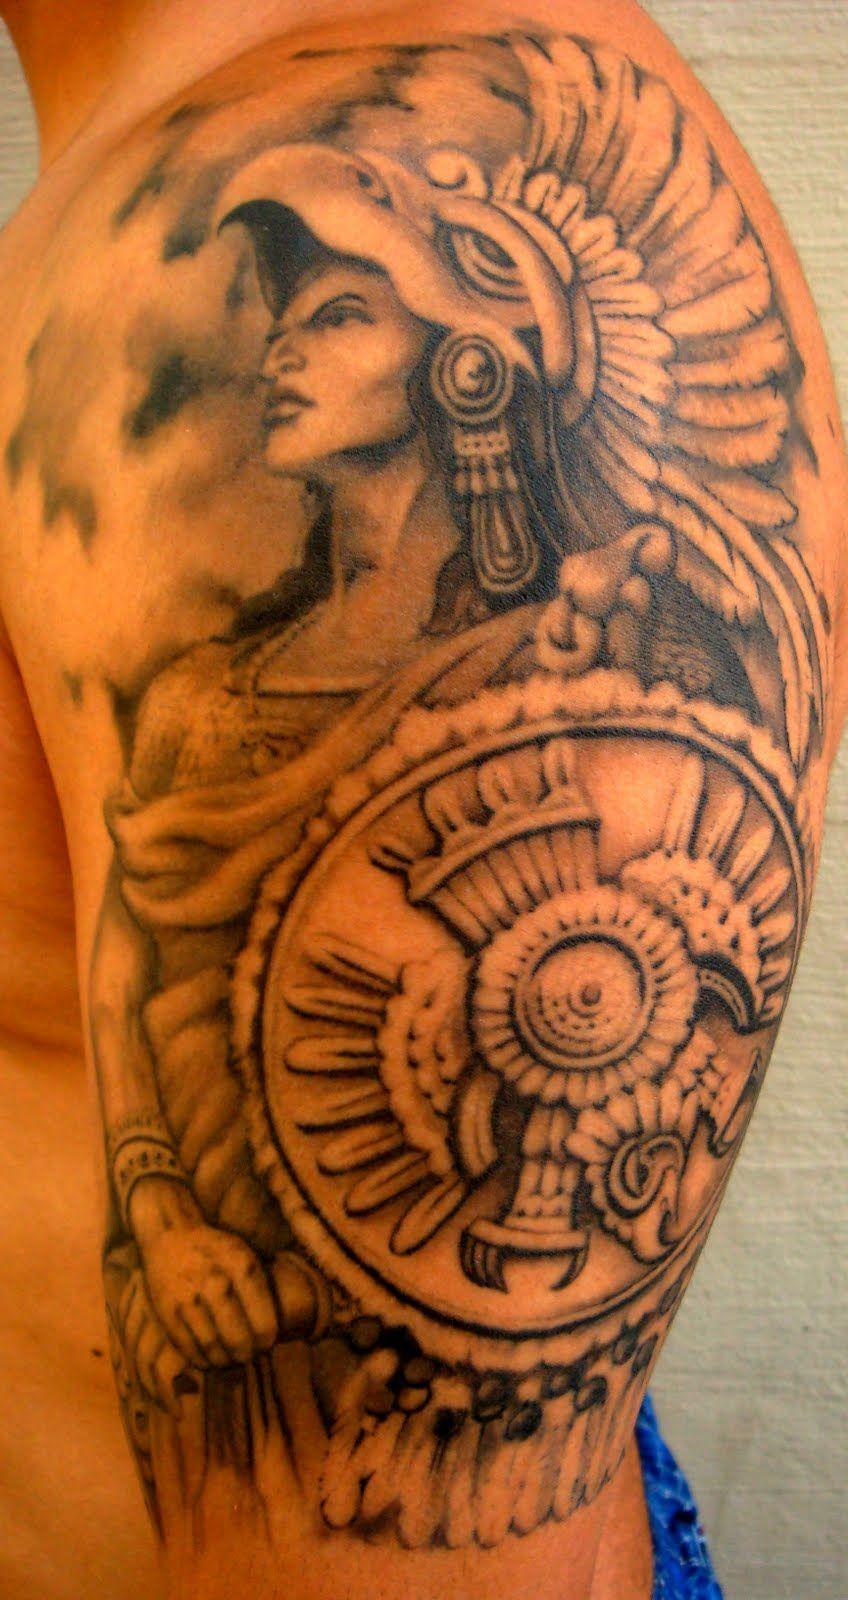 885fcdb81 Mexican Warriors | BlindSide Tattoo Studio: The Aztec Warrior- Cuauhtemoc